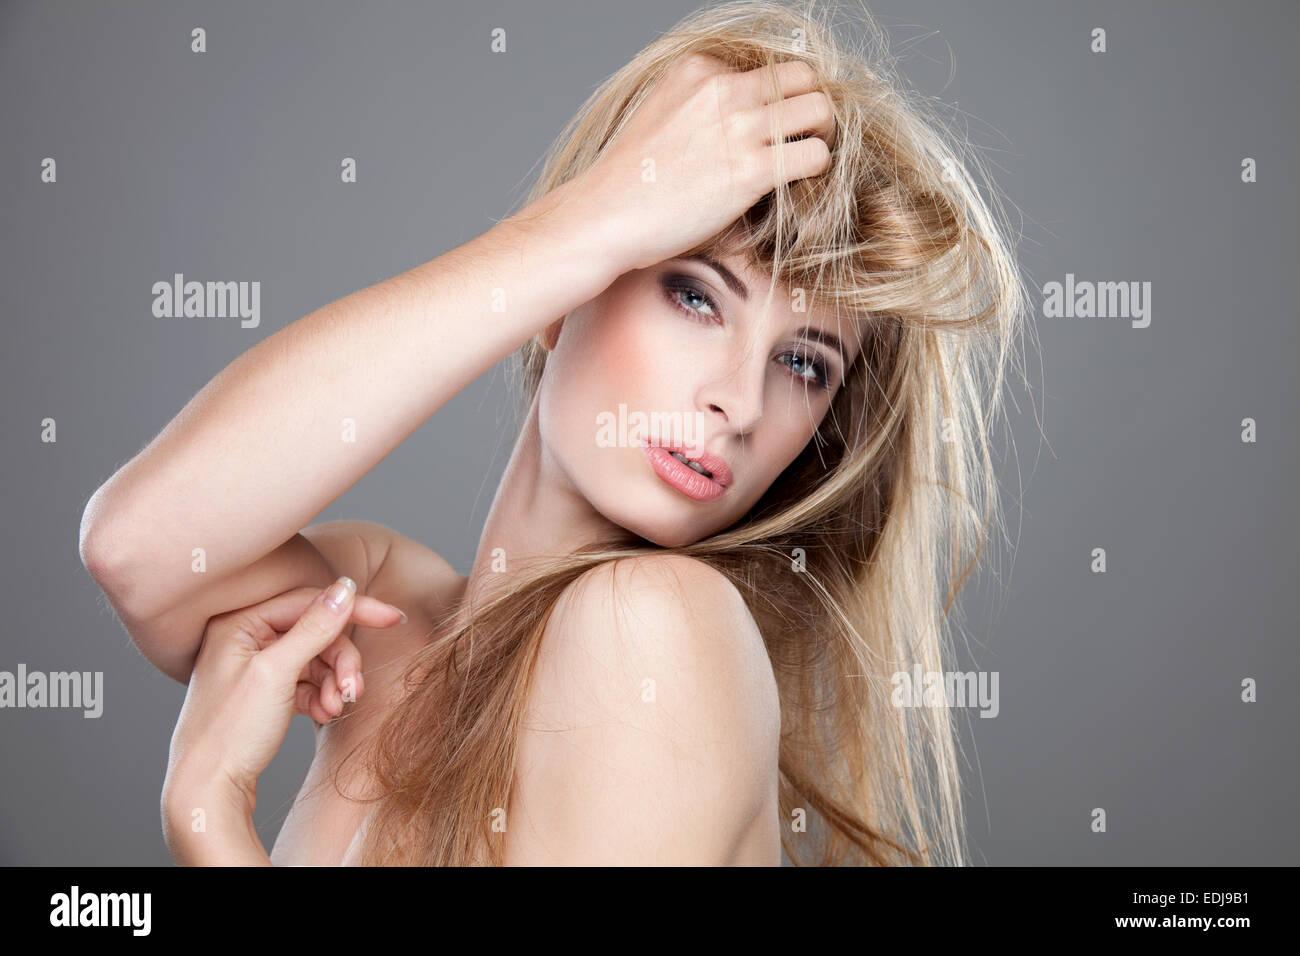 Woman Highlight Hair Salon Stock Photos Woman Highlight Hair Salon